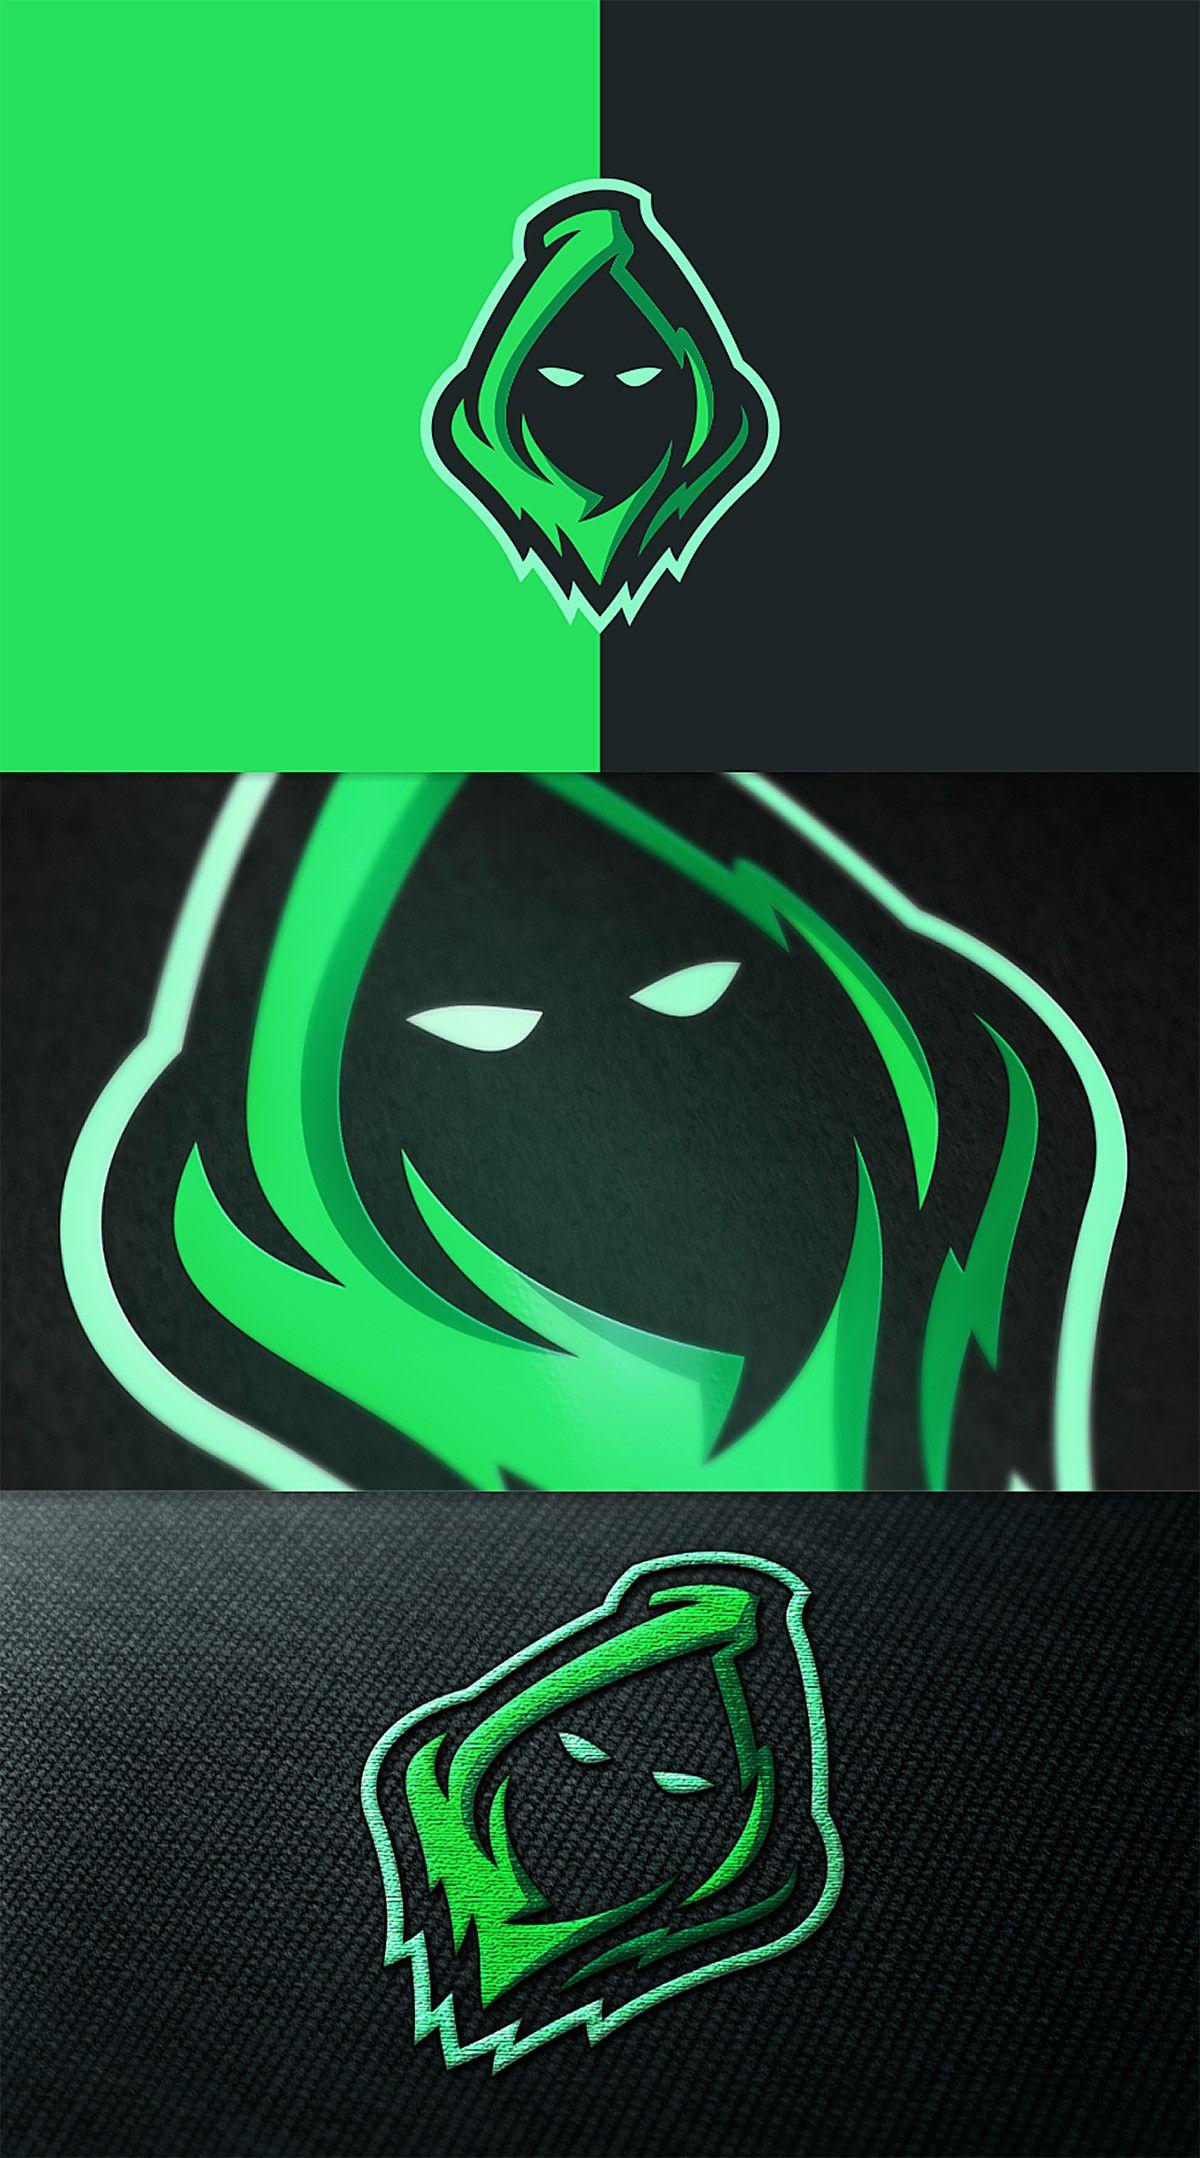 ArtStation Esport Team Logo Sinister 5, Punchev